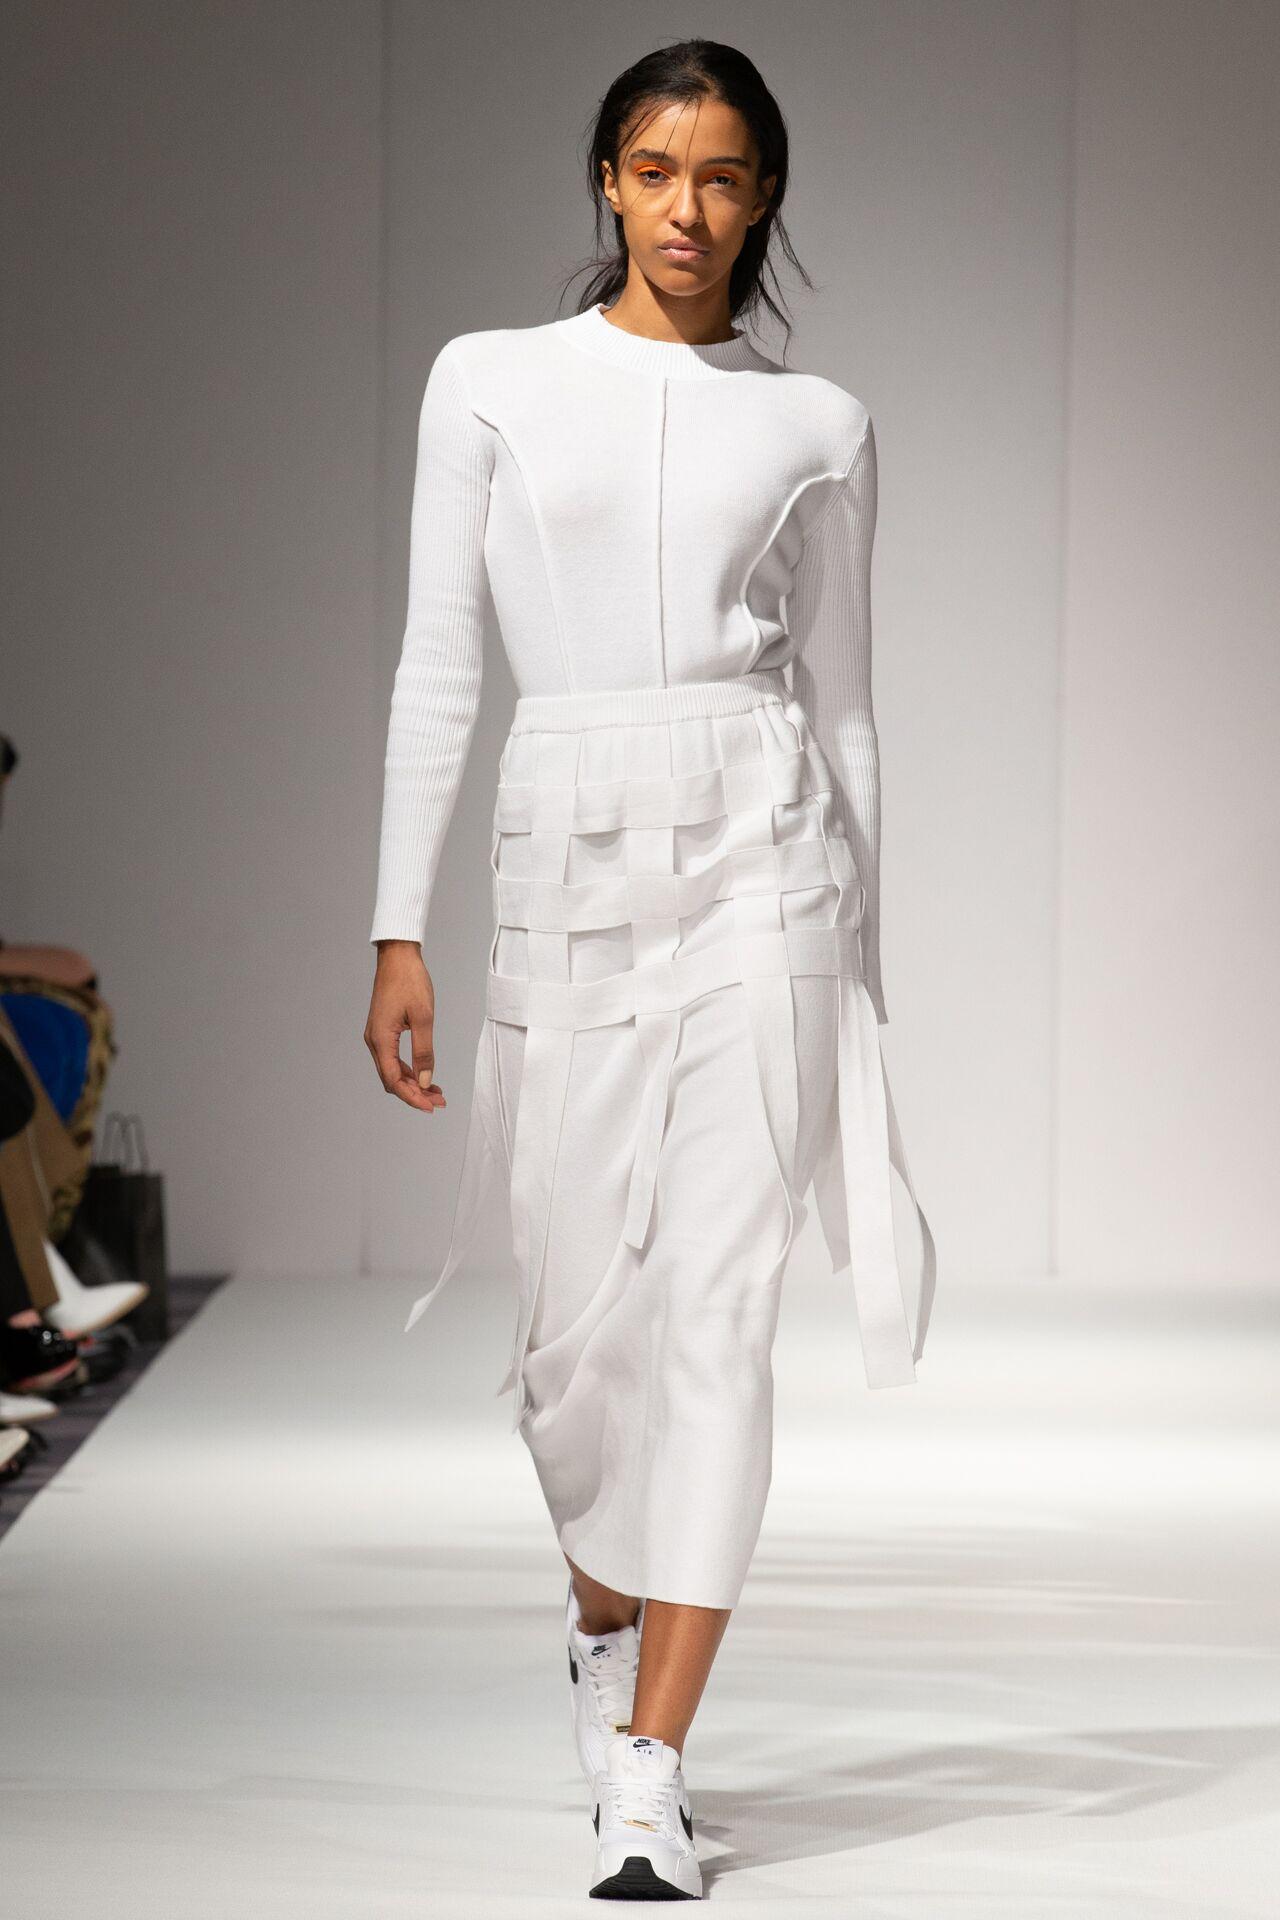 Apujan aw20 show during london fashion week (8)